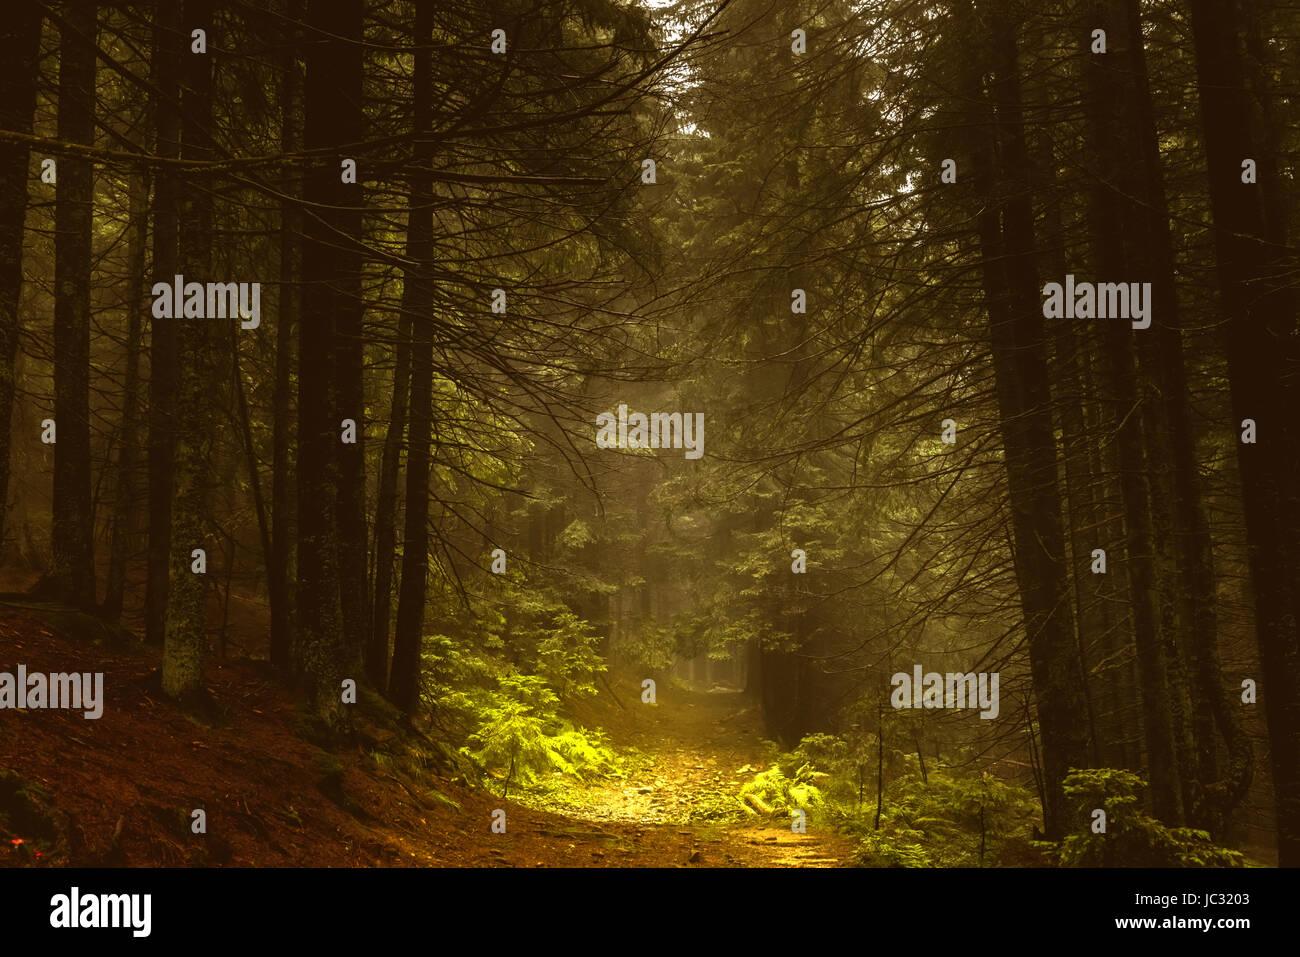 Otoño oscuro bosque de pinos en la niebla Foto de stock